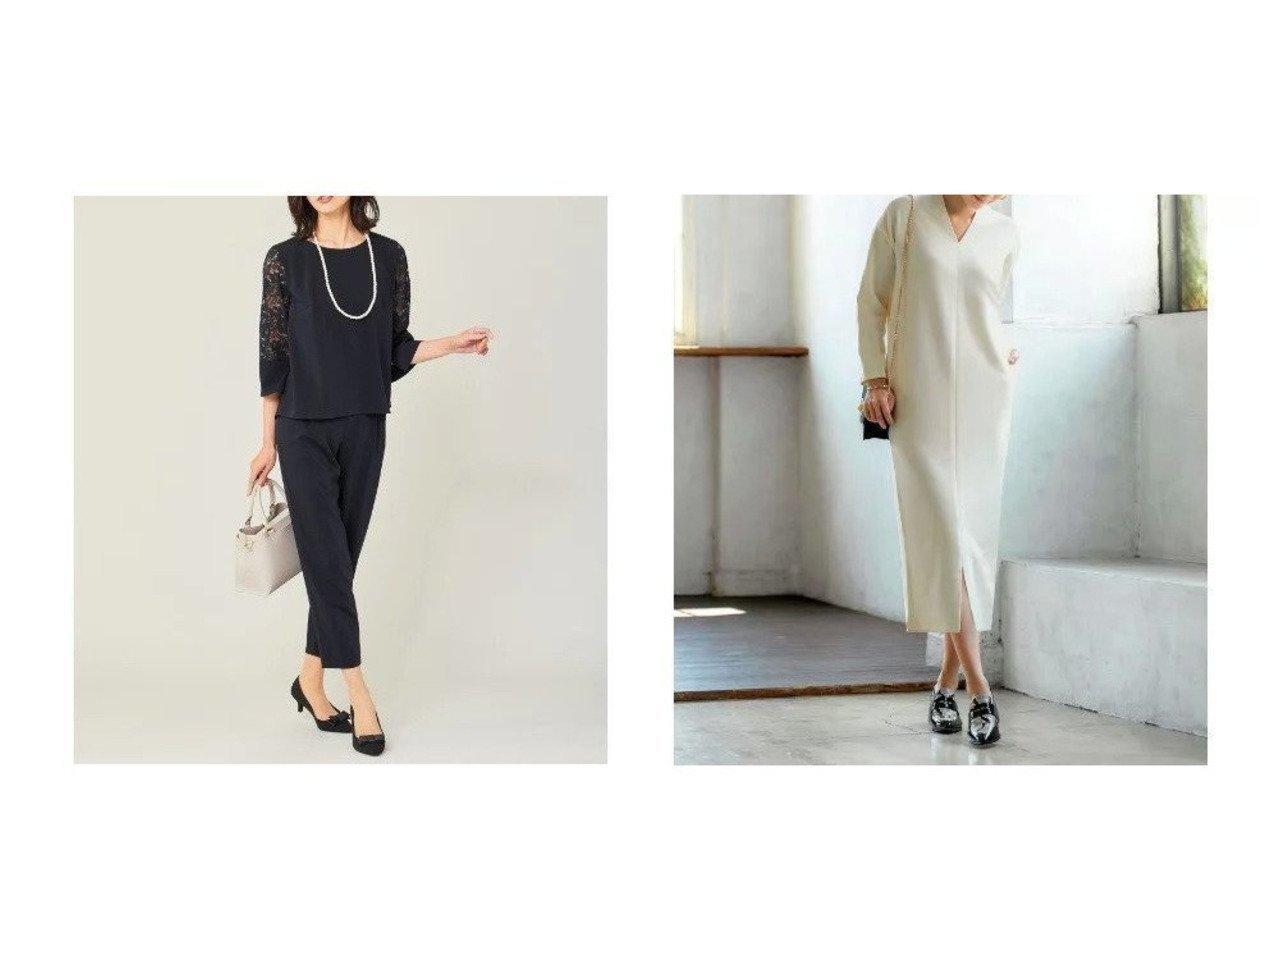 【any FAM/エニィファム】のエステルソフトストレッチ&【STYLE DELI/スタイルデリ】のロング丈リラックスVネックワンピースD ワンピース・ドレスのおすすめ!人気、トレンド・レディースファッションの通販  おすすめで人気の流行・トレンド、ファッションの通販商品 メンズファッション・キッズファッション・インテリア・家具・レディースファッション・服の通販 founy(ファニー) https://founy.com/ ファッション Fashion レディースファッション WOMEN ワンピース Dress オールインワン ワンピース All In One Dress サロペット Salopette ストレッチ セットアップ 人気 フェミニン フロント レース カットソー コクーン シューズ ショルダー シンプル ジャージー スニーカー スリット タイツ ドロップ 長袖 フラット ペチコート ポケット リラックス ロング 冬 Winter A/W 秋冬 AW Autumn/Winter / FW Fall-Winter 2020年 2020 |ID:crp329100000010233